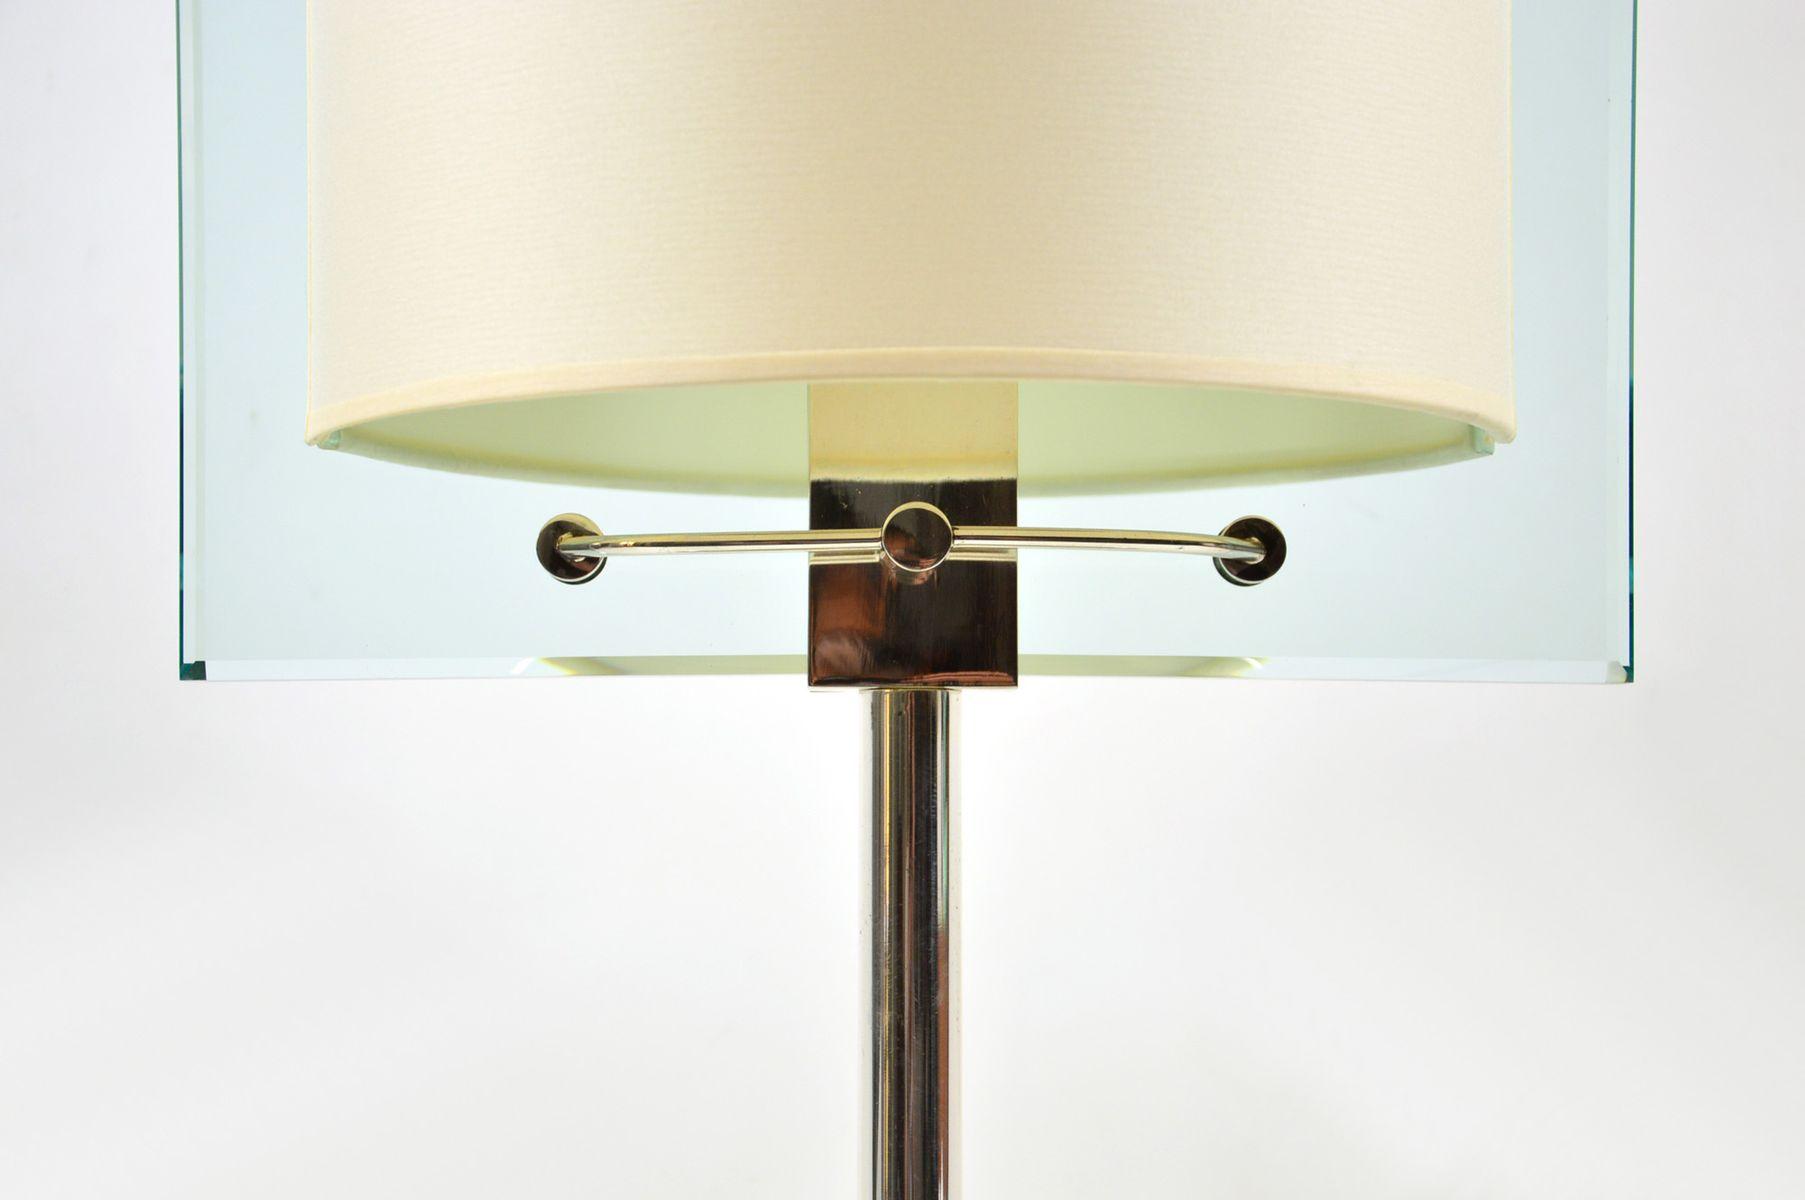 Lampada da tavolo vintage di nathalie grenon per fontana arte in vendita su pamono - Lampada da tavolo vintage ...